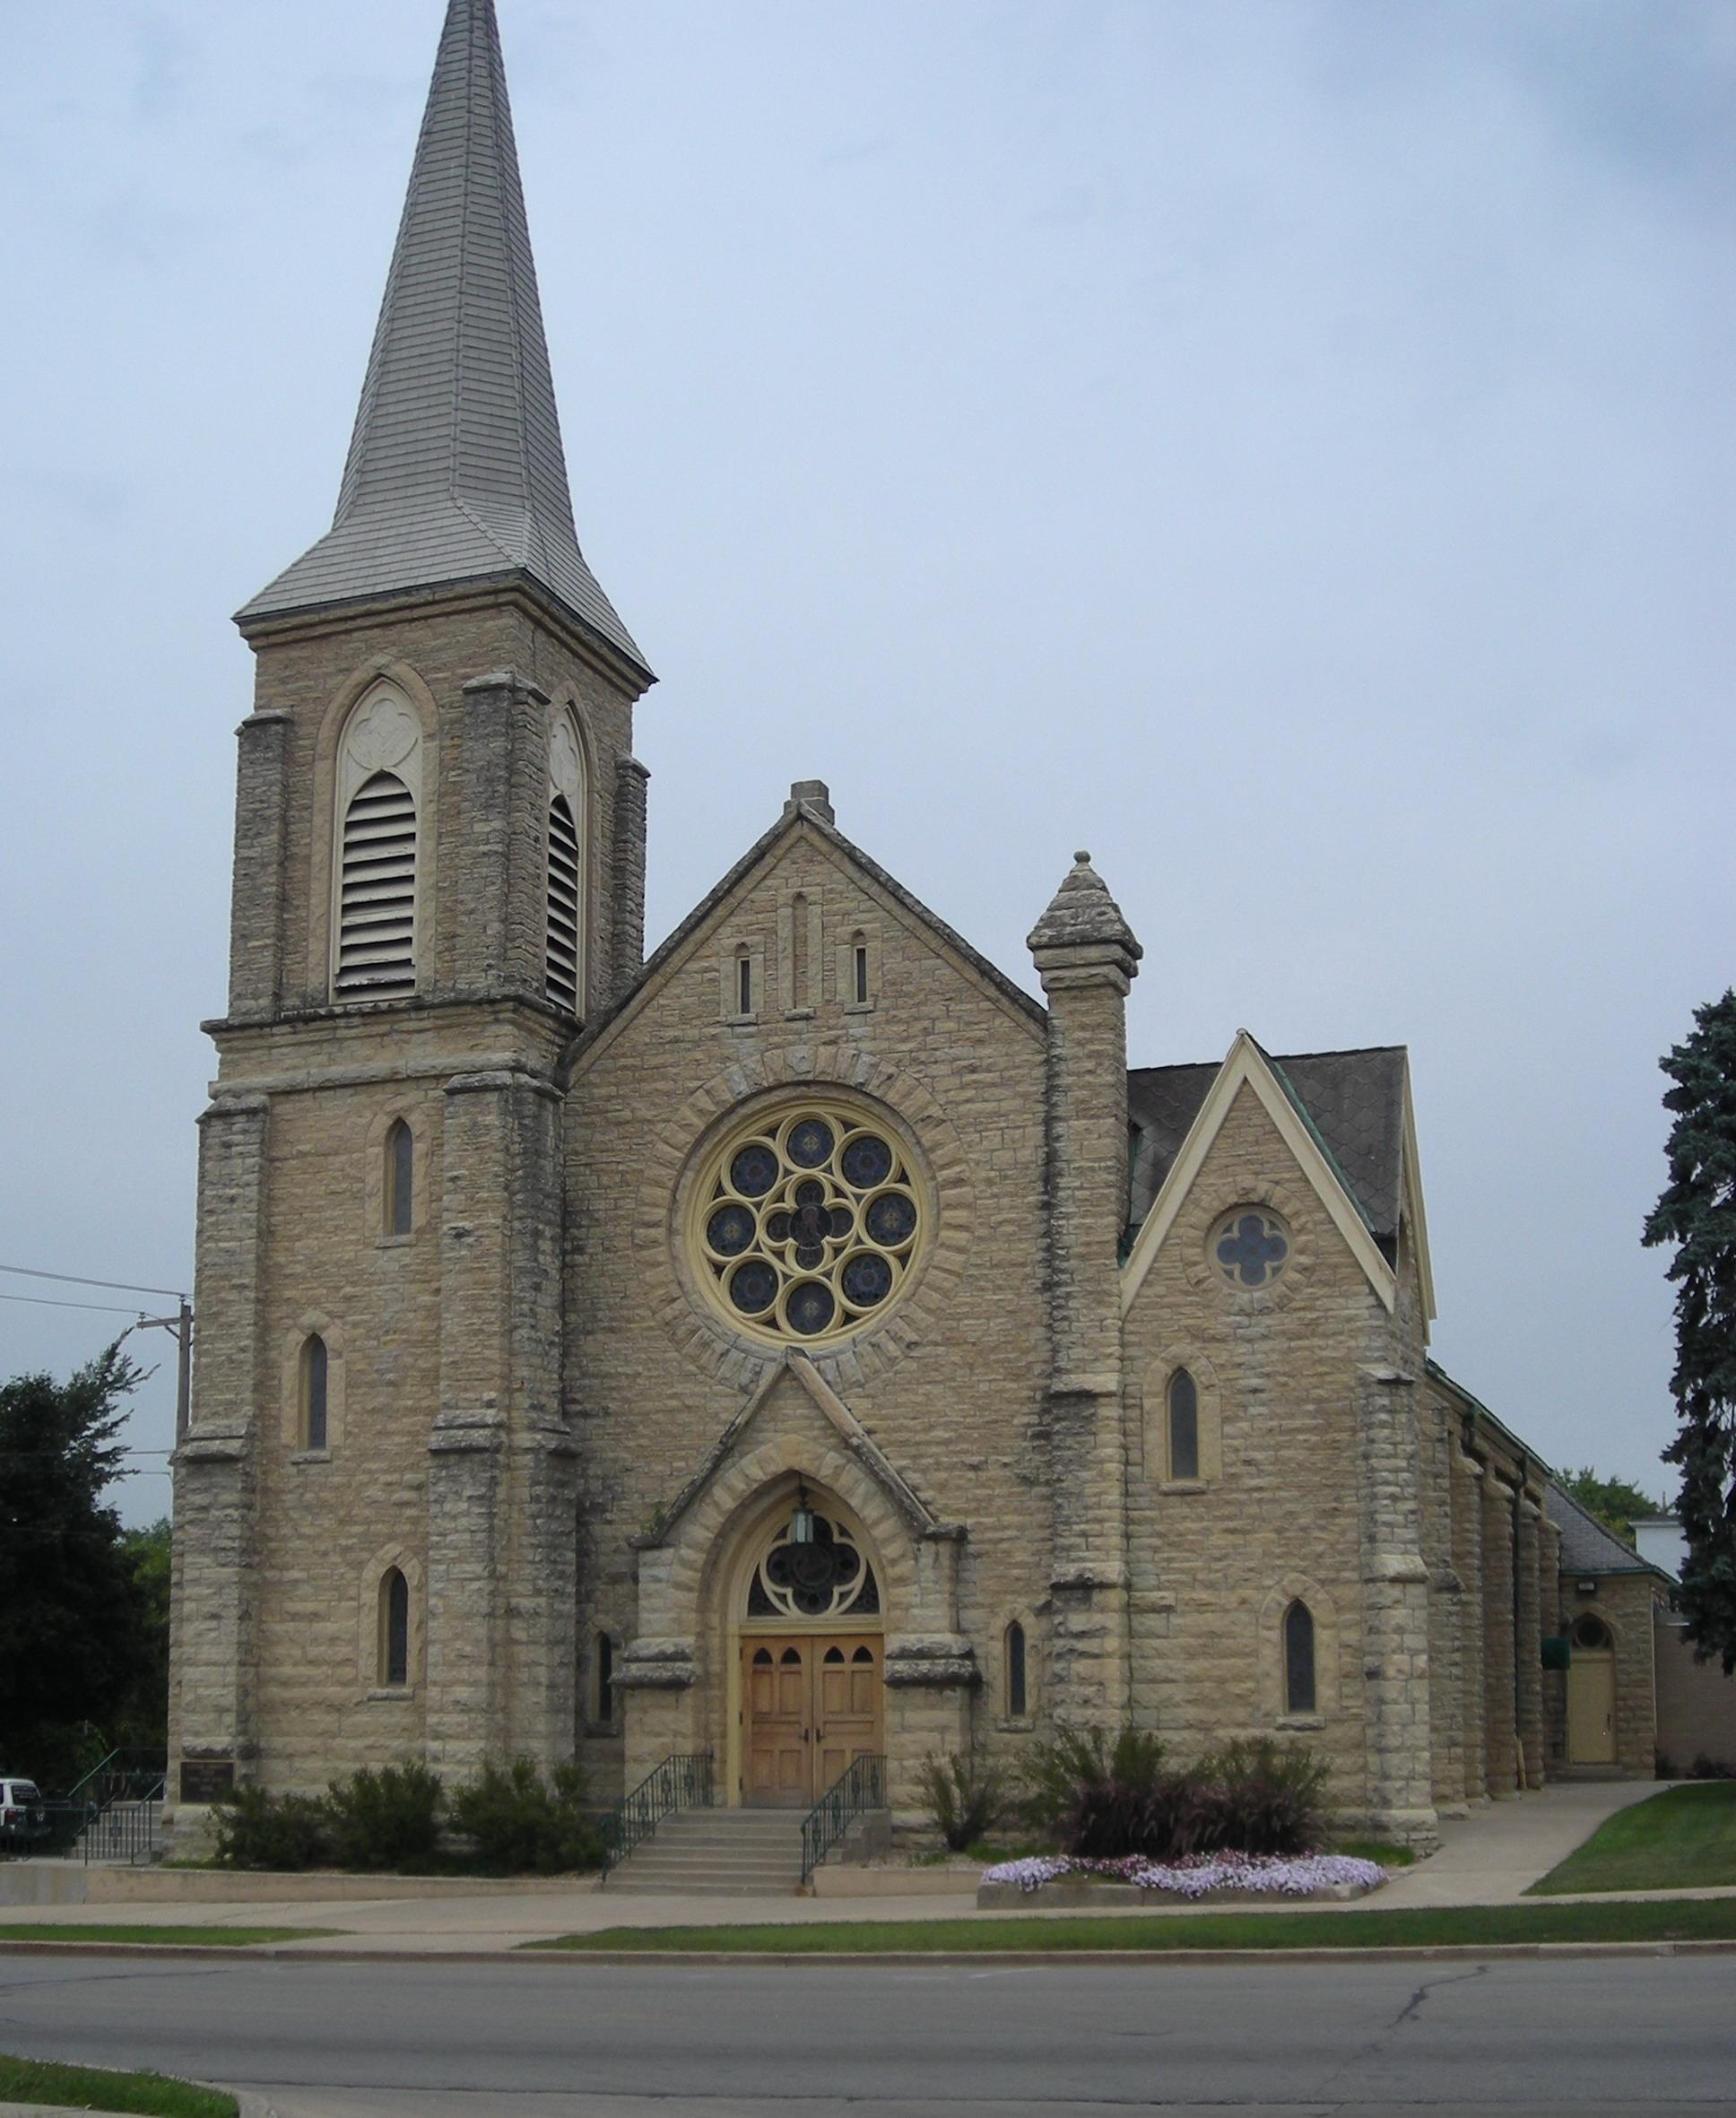 Messageofthecrosschurch Org: File:Holy Cross Church (Batavia, IL) 01.JPG